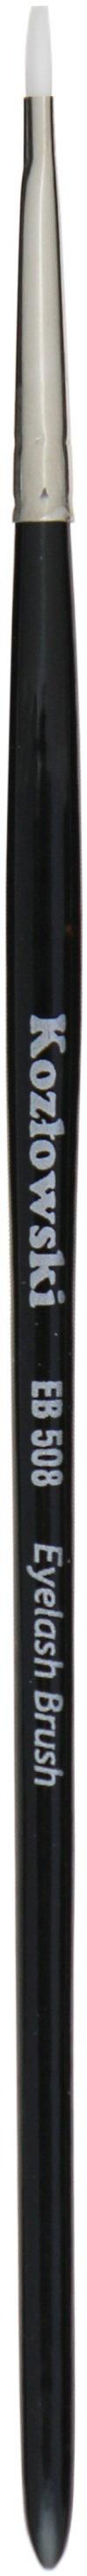 Kozłowski Eyelash Brush EB 508 pędzel do malowania rzęs